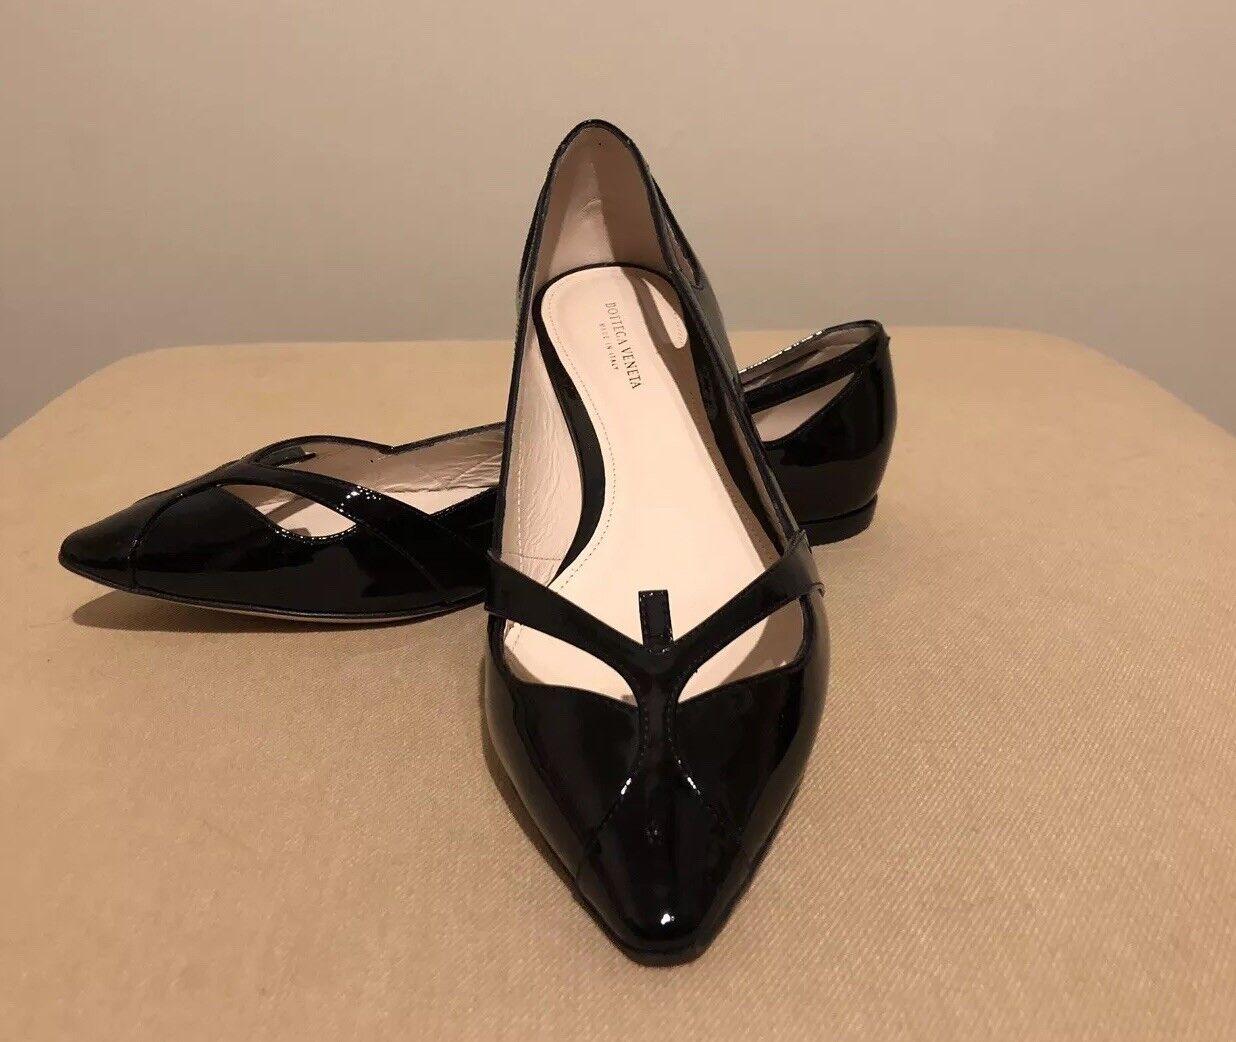 Bottega Veneta Patent Black Leather Point Toe Toe Toe Flats Size 37.5 EUR. 59e75d